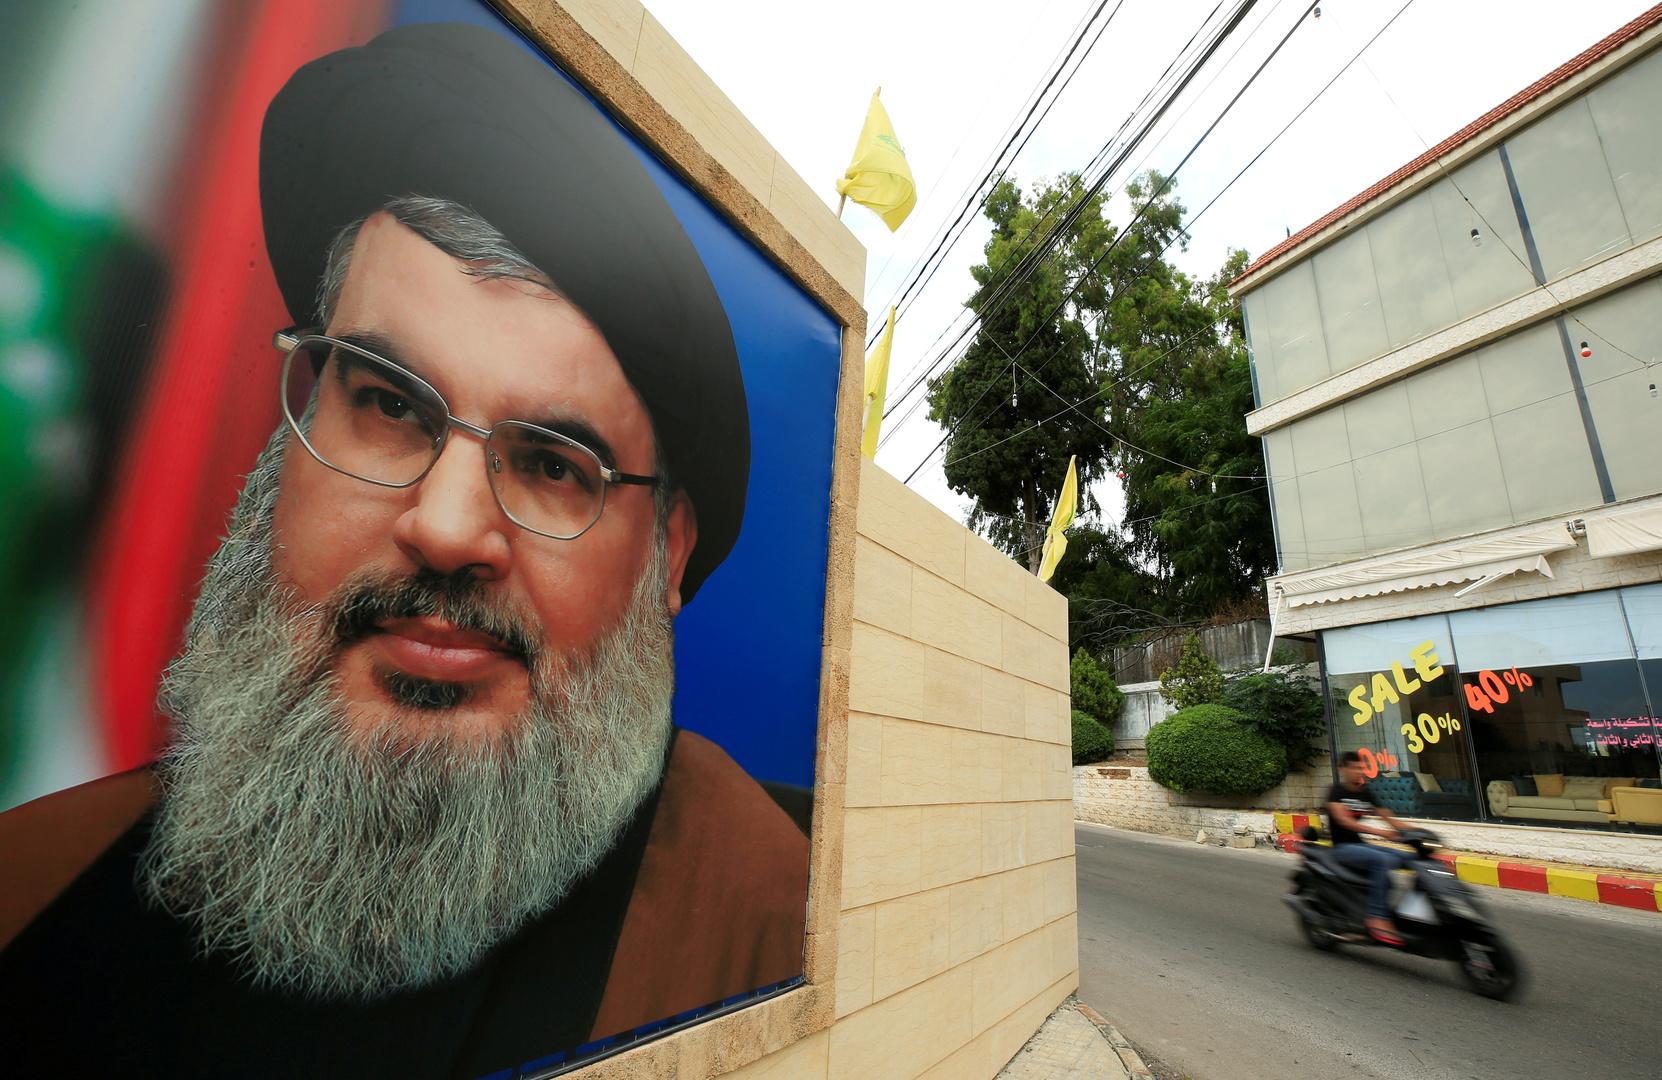 لبنان.. ردود أفعال وتبادل للتهم قبيل وصول سفينة المازوت من إيران